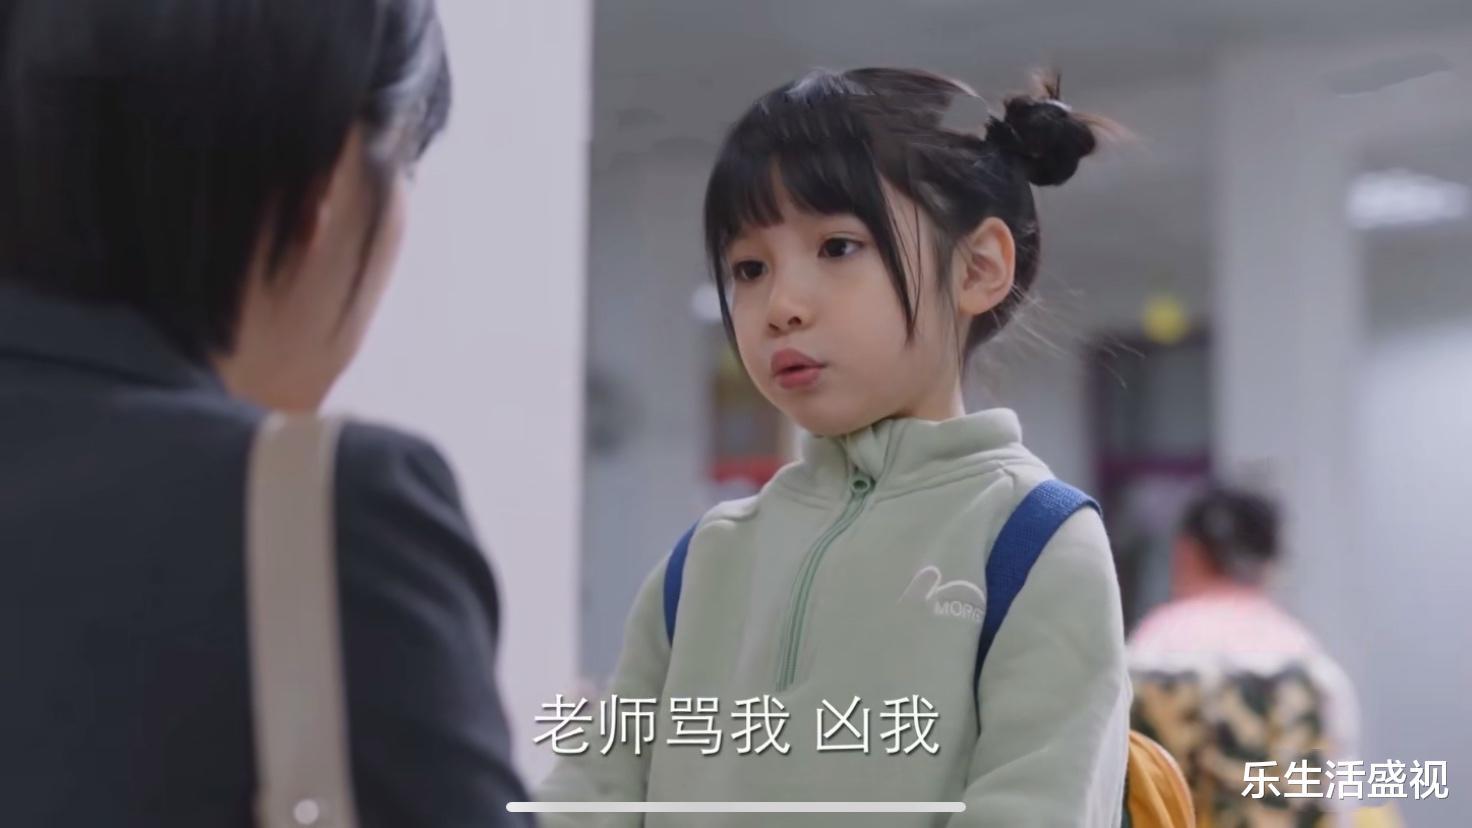 《親愛的自己》雨薇被老師欺負,張芝芝無能無力,劉洋的做法好解氣-圖6